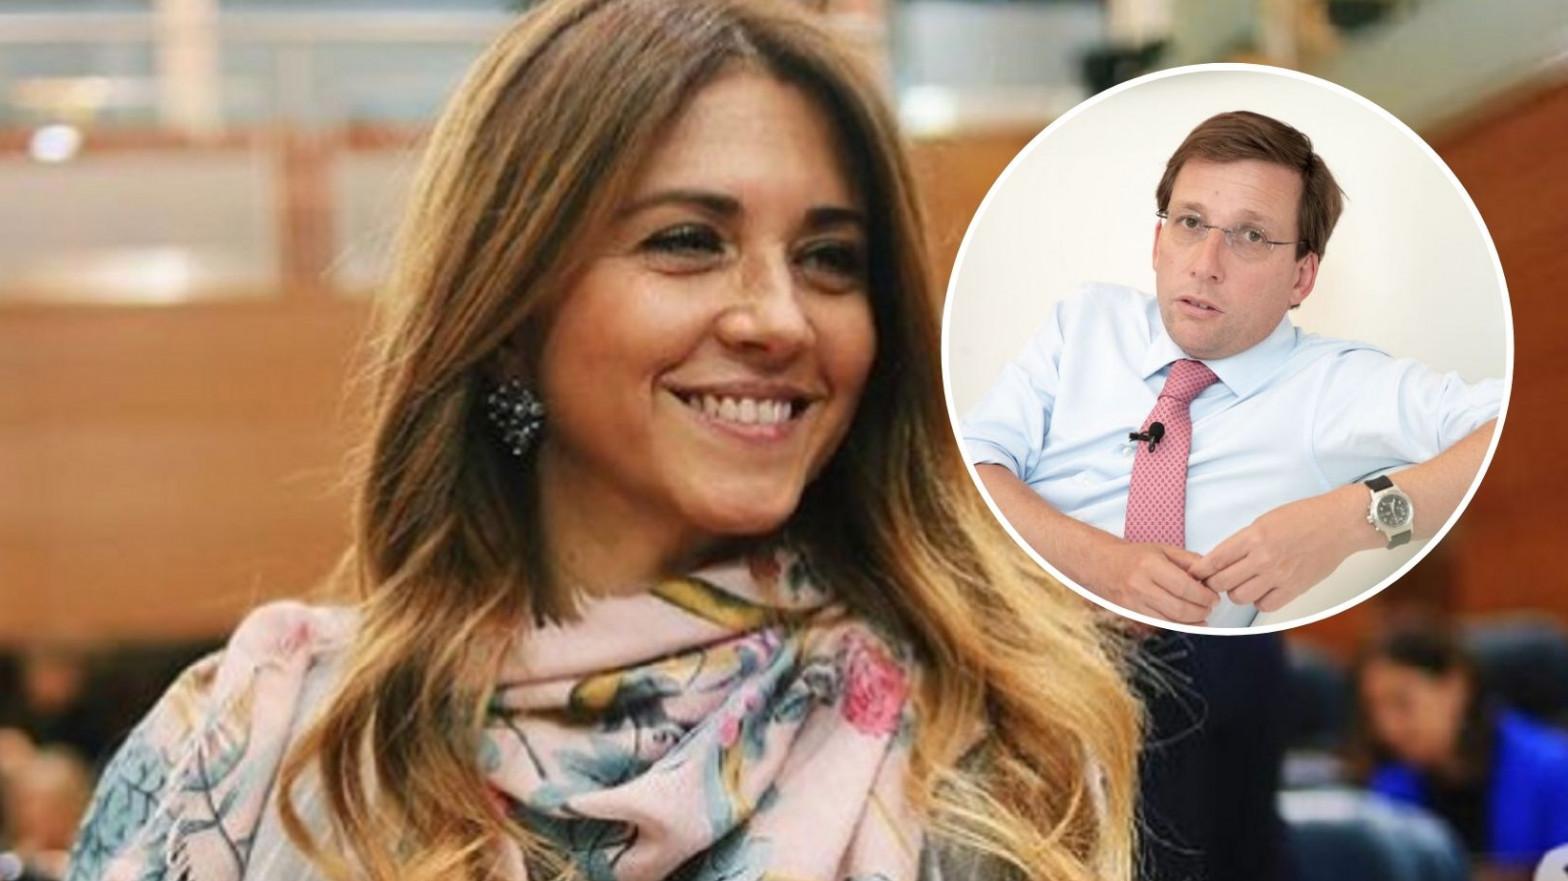 Esther Ruiz responde a Almeida si tiene posibilidades con ella tras describirla como muy simpática y atractiva